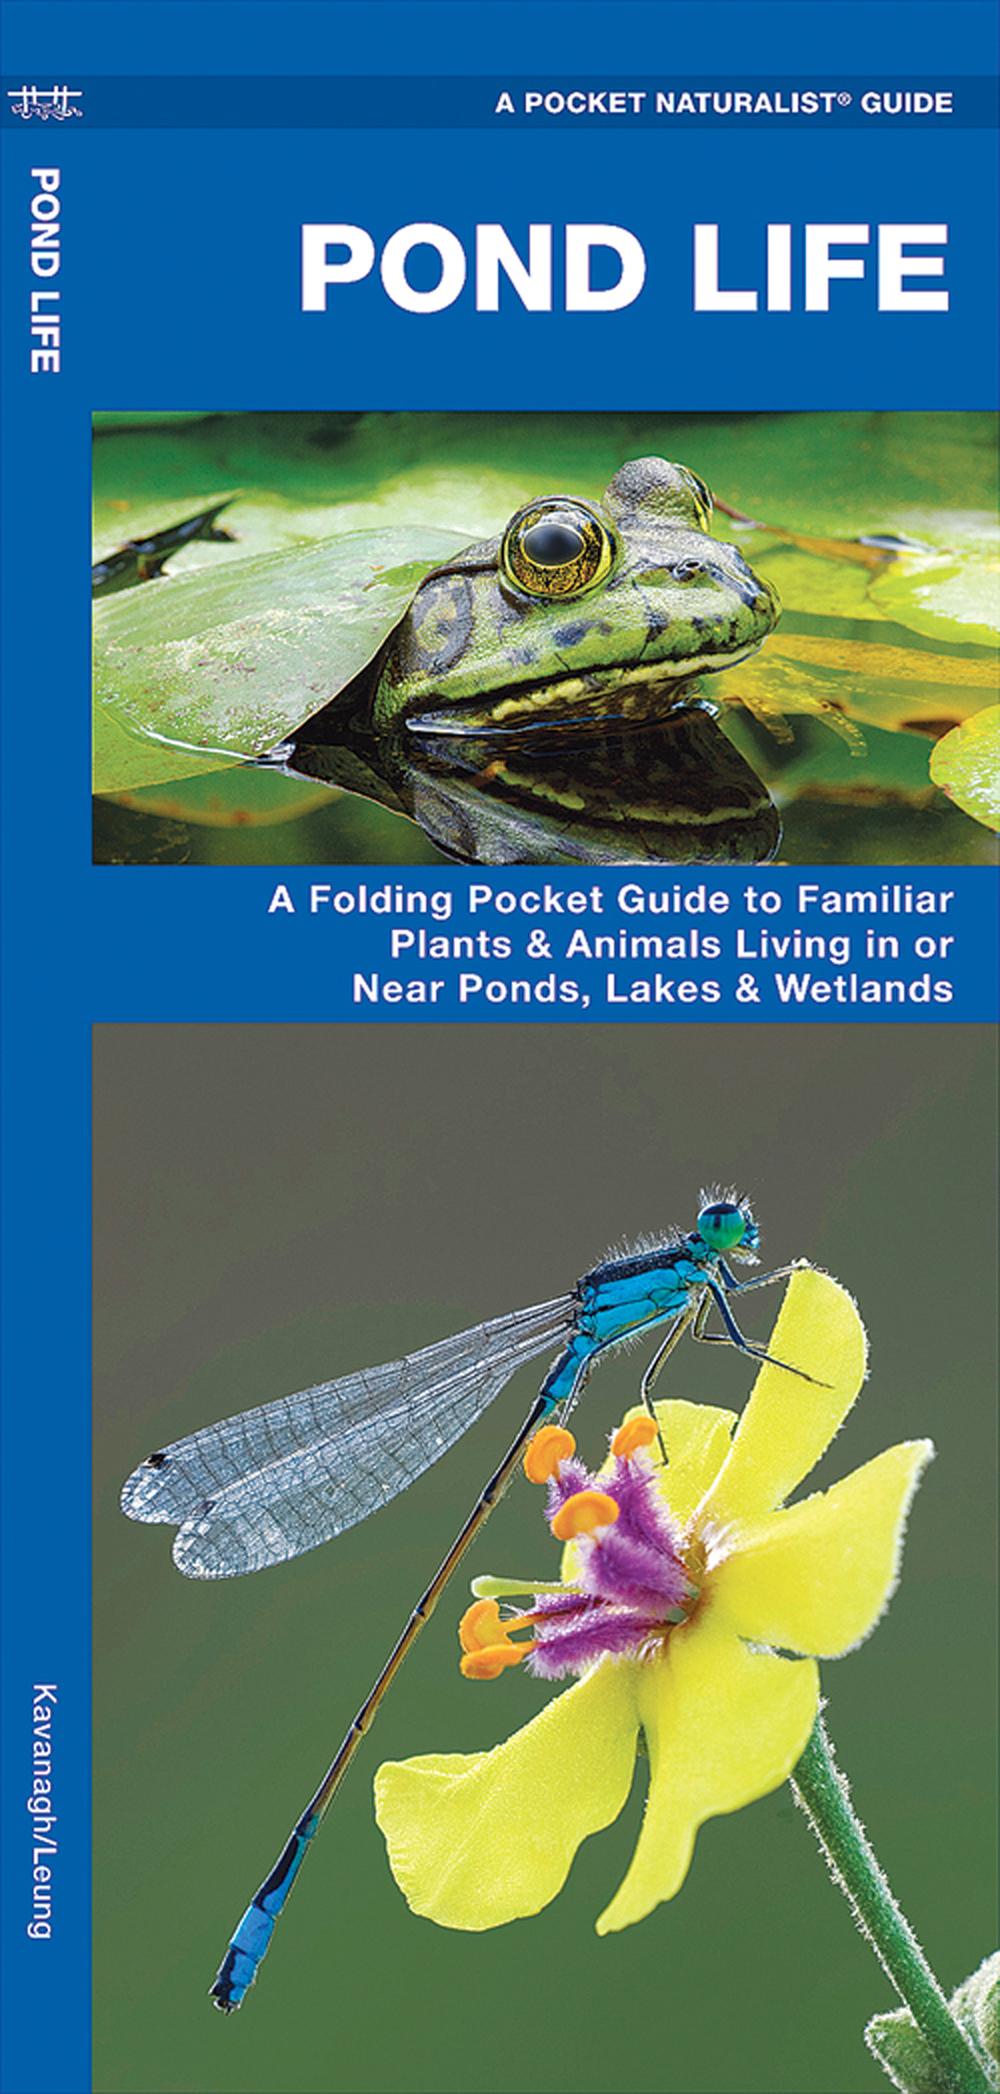 Pond Life (Pocket Naturalist® Guide)